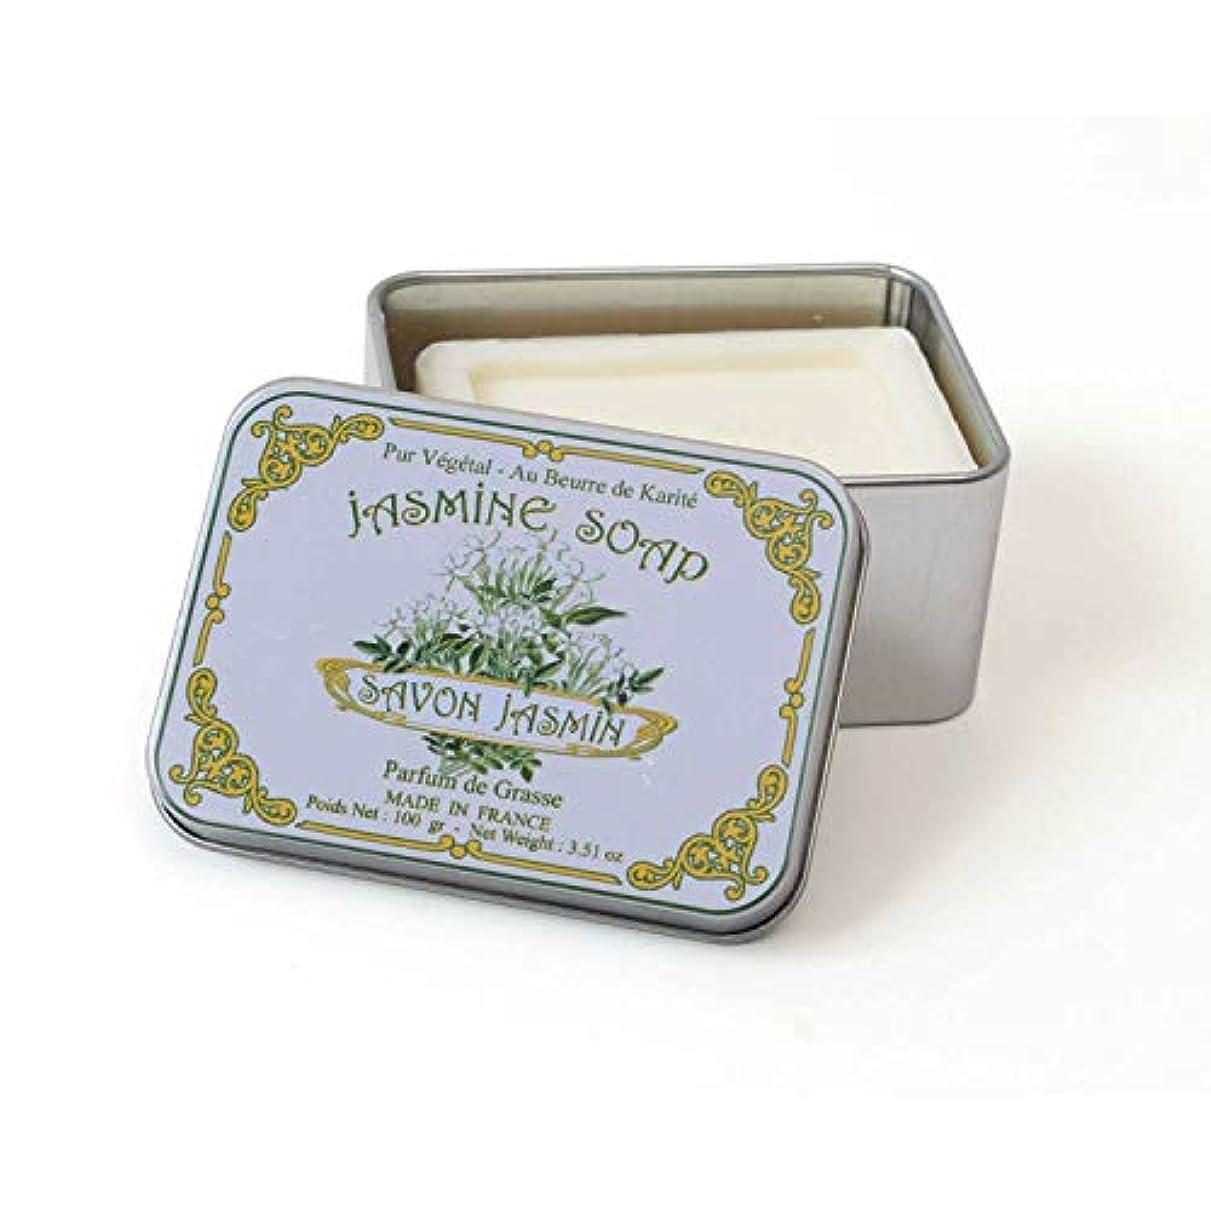 傀儡散文海藻Le Blanc ルブランソープ ジャ スミンの香り